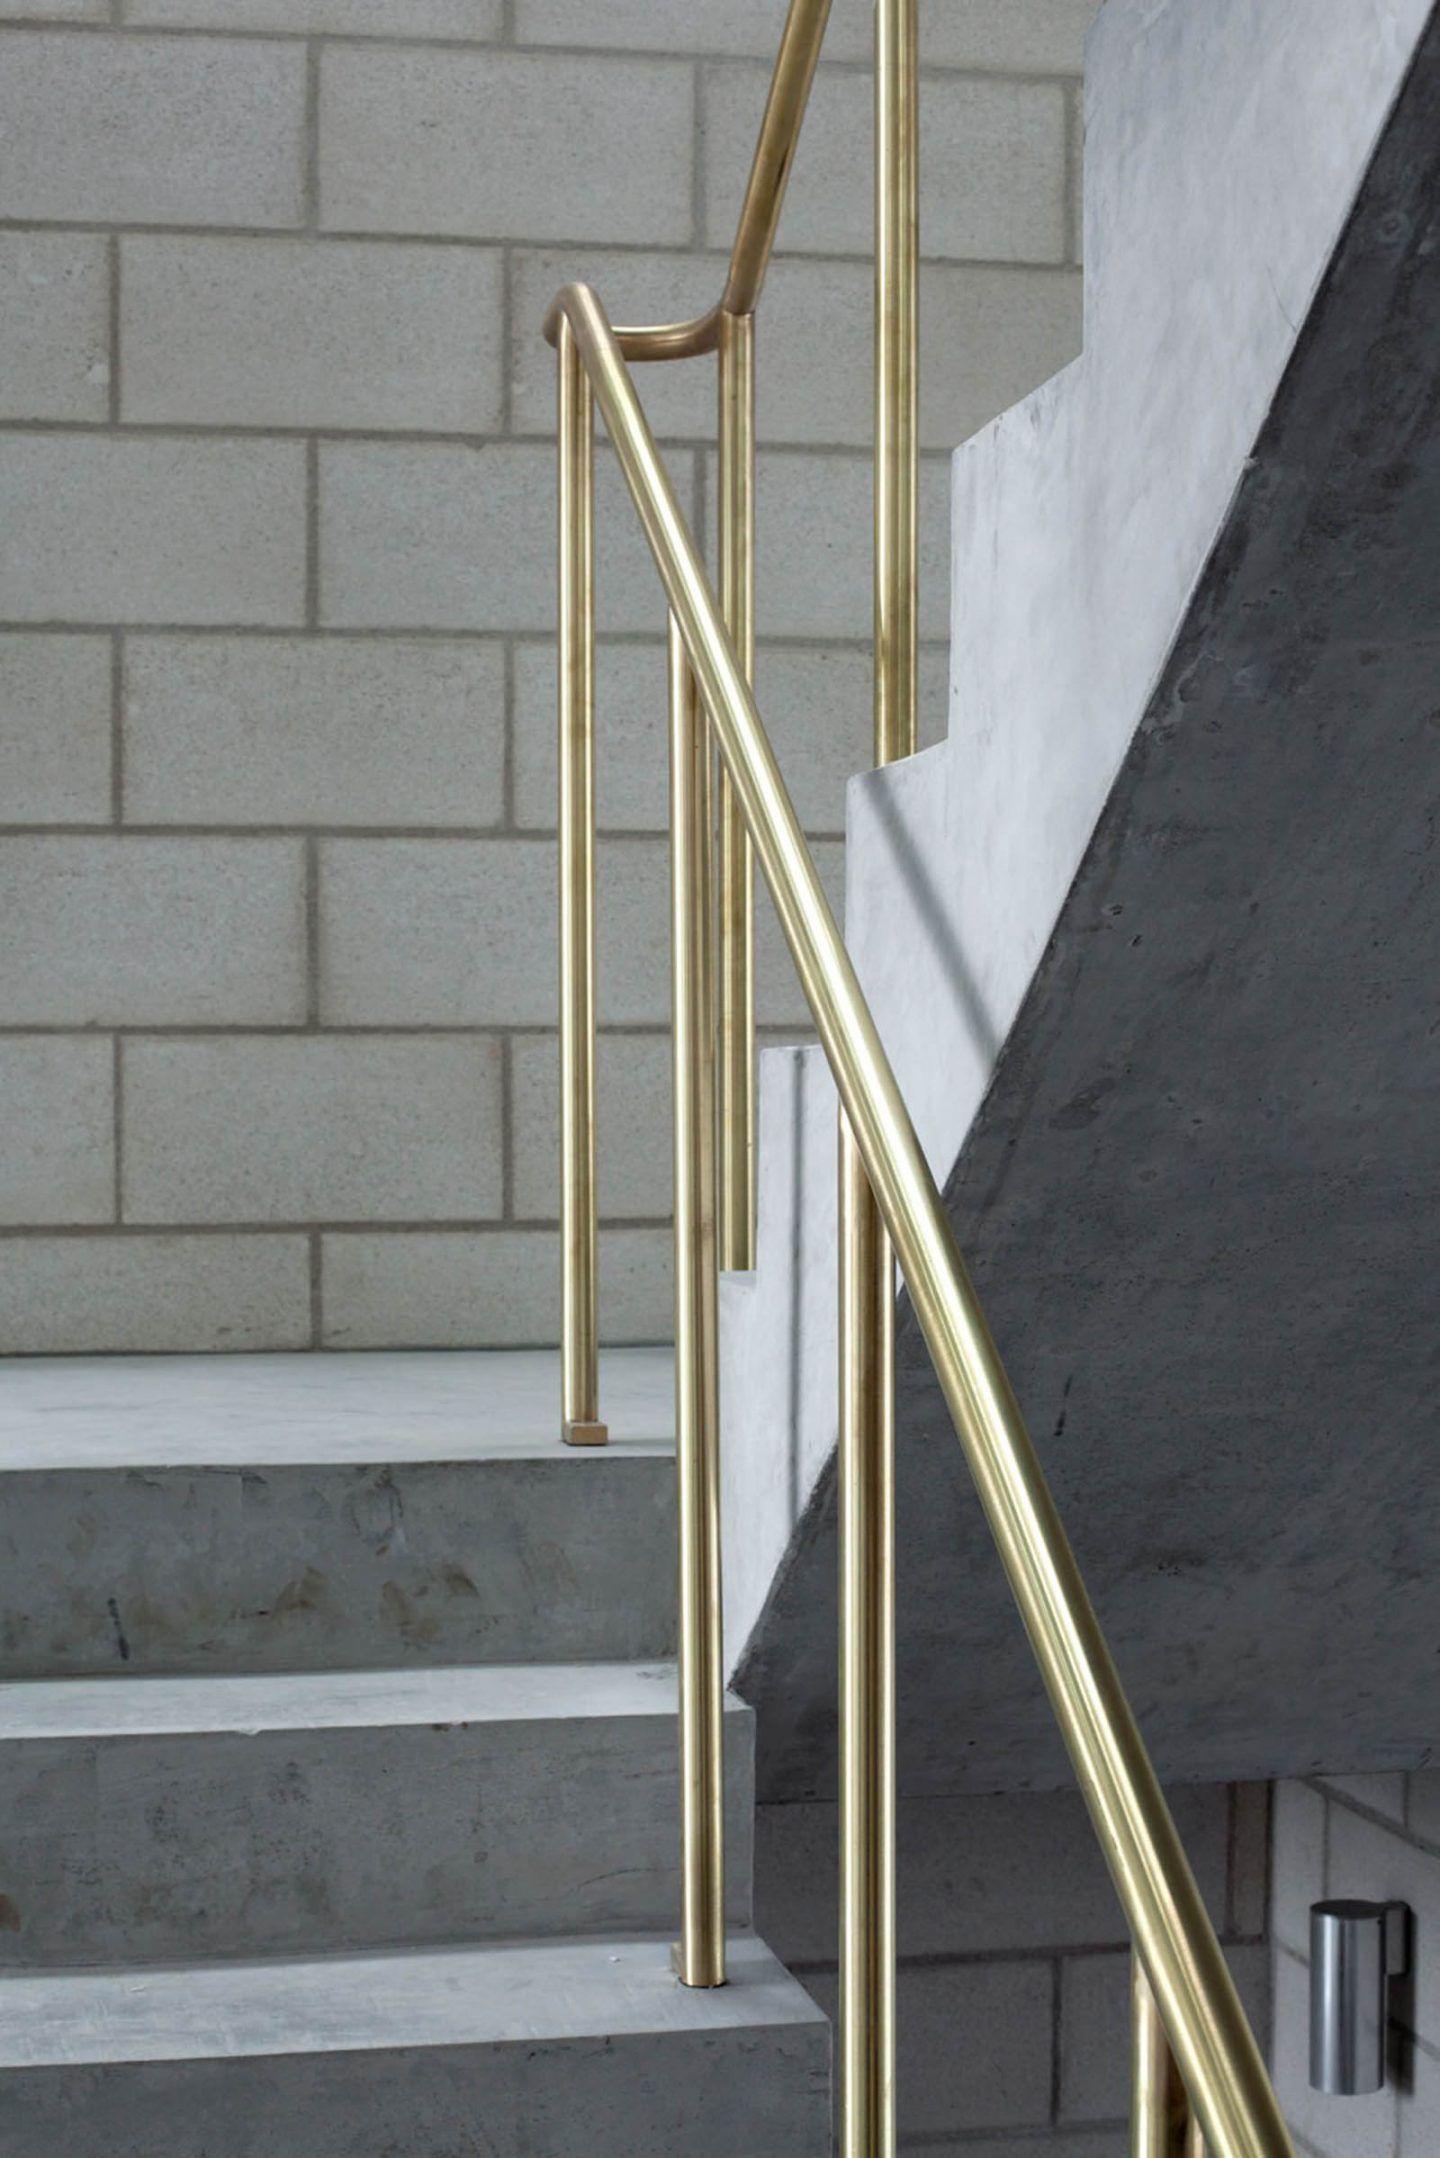 iGNANT-Architecture-6A-Juergen-Teller-Studio-015